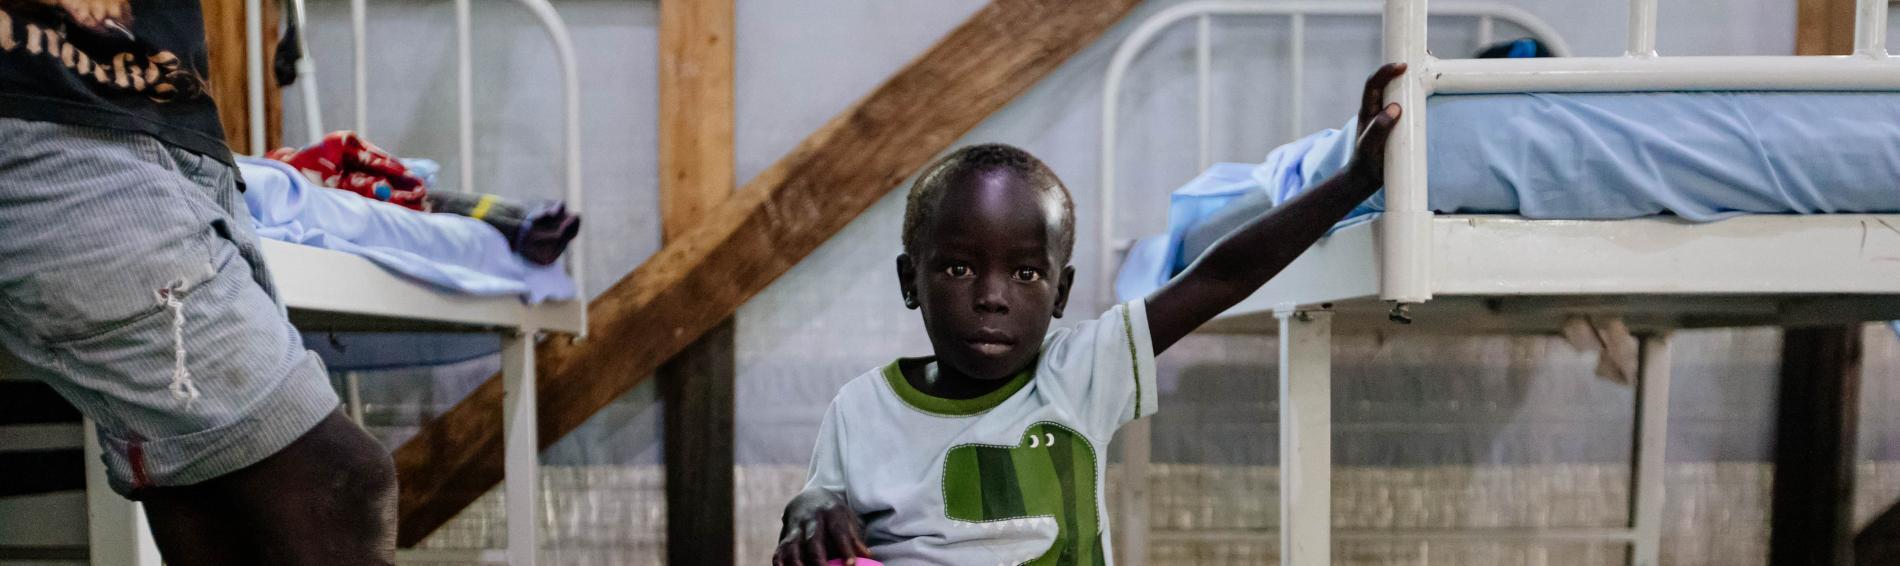 In der Gesundheitseinrichtung blickt ein kleiner Junge in die Kamera, © Sébastien Duijndam